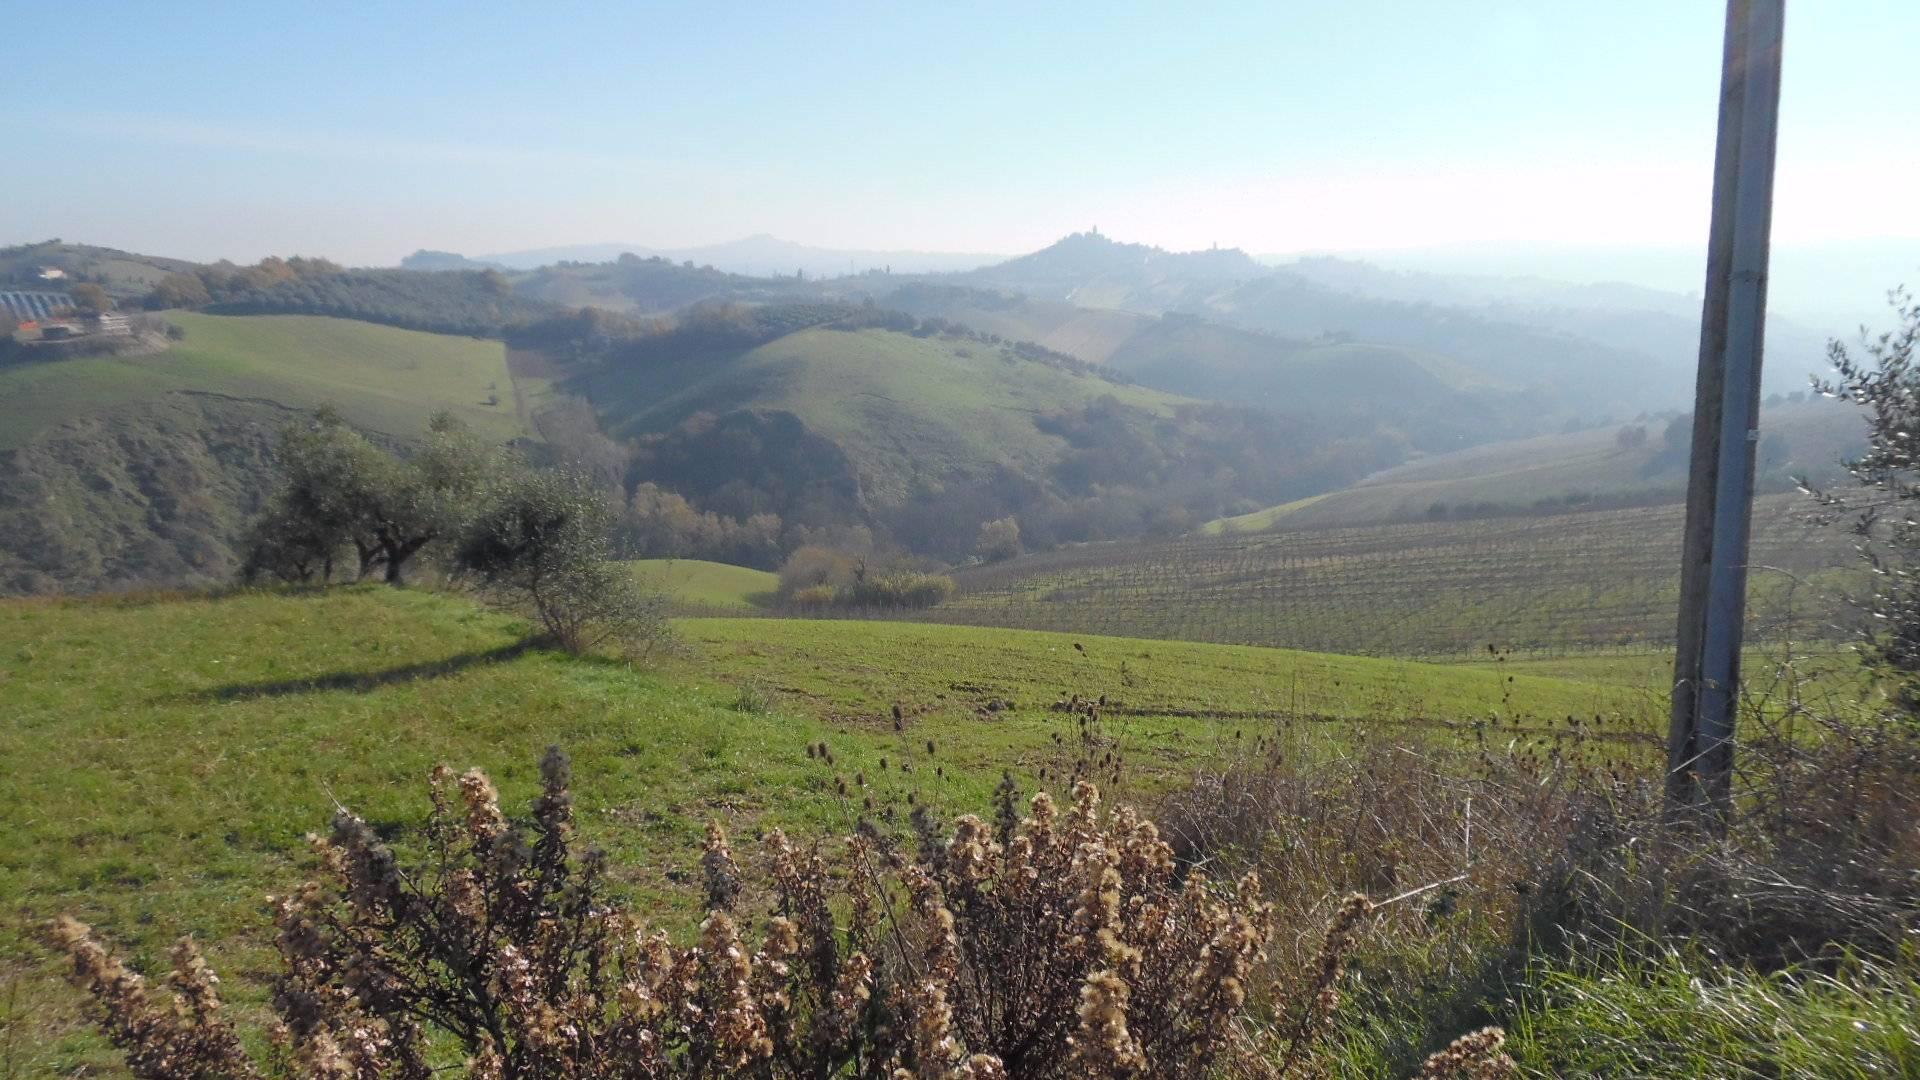 Terreno Edificabile Residenziale in vendita a Monsampolo del Tronto, 9999 locali, zona Zona: Monsampolo, prezzo € 40.000 | CambioCasa.it